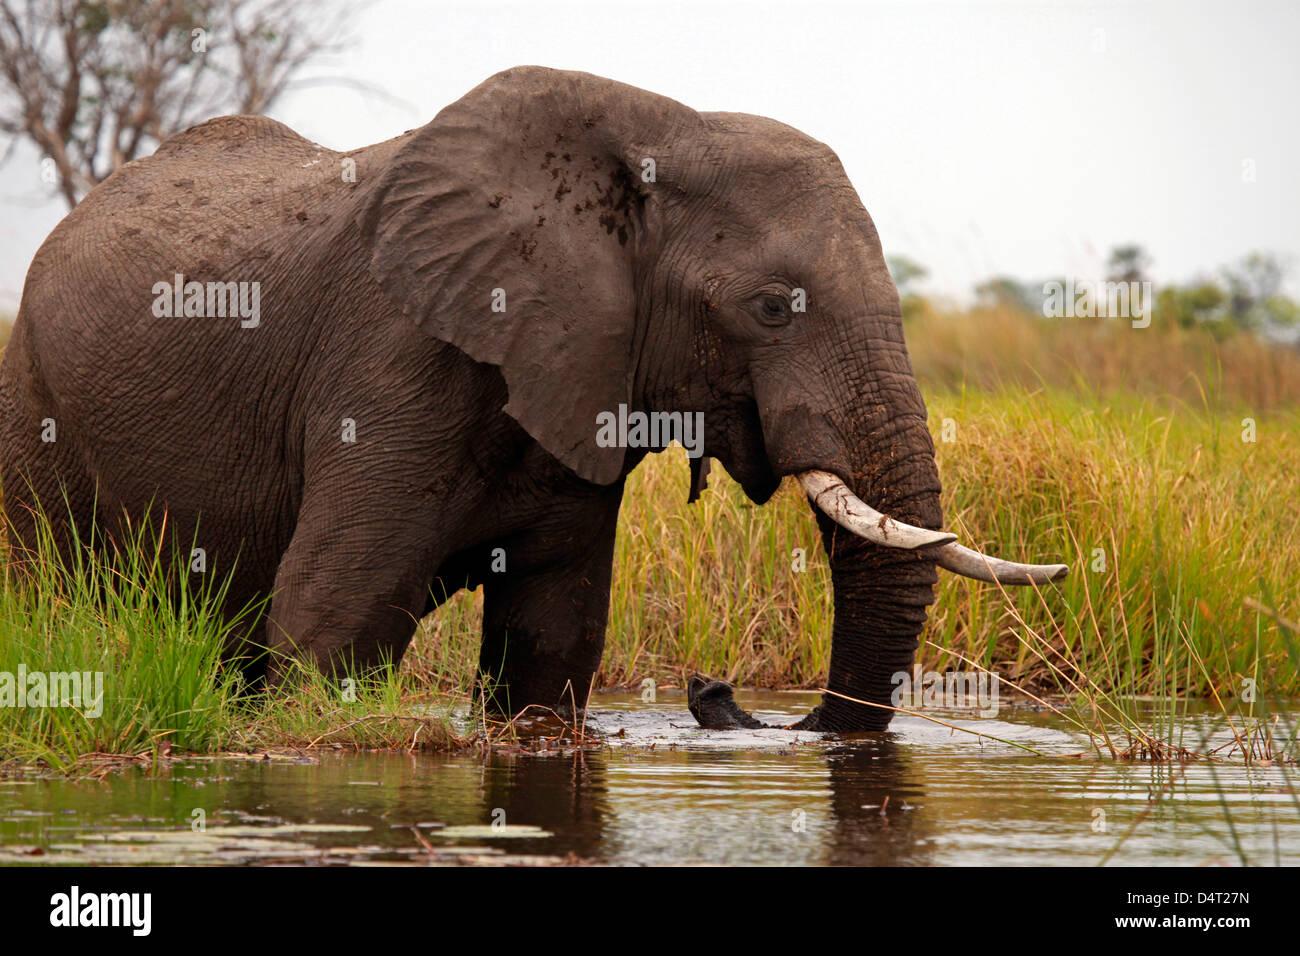 Botswana, Okavango Delta. Elephant of the Okavango Delta. - Stock Image